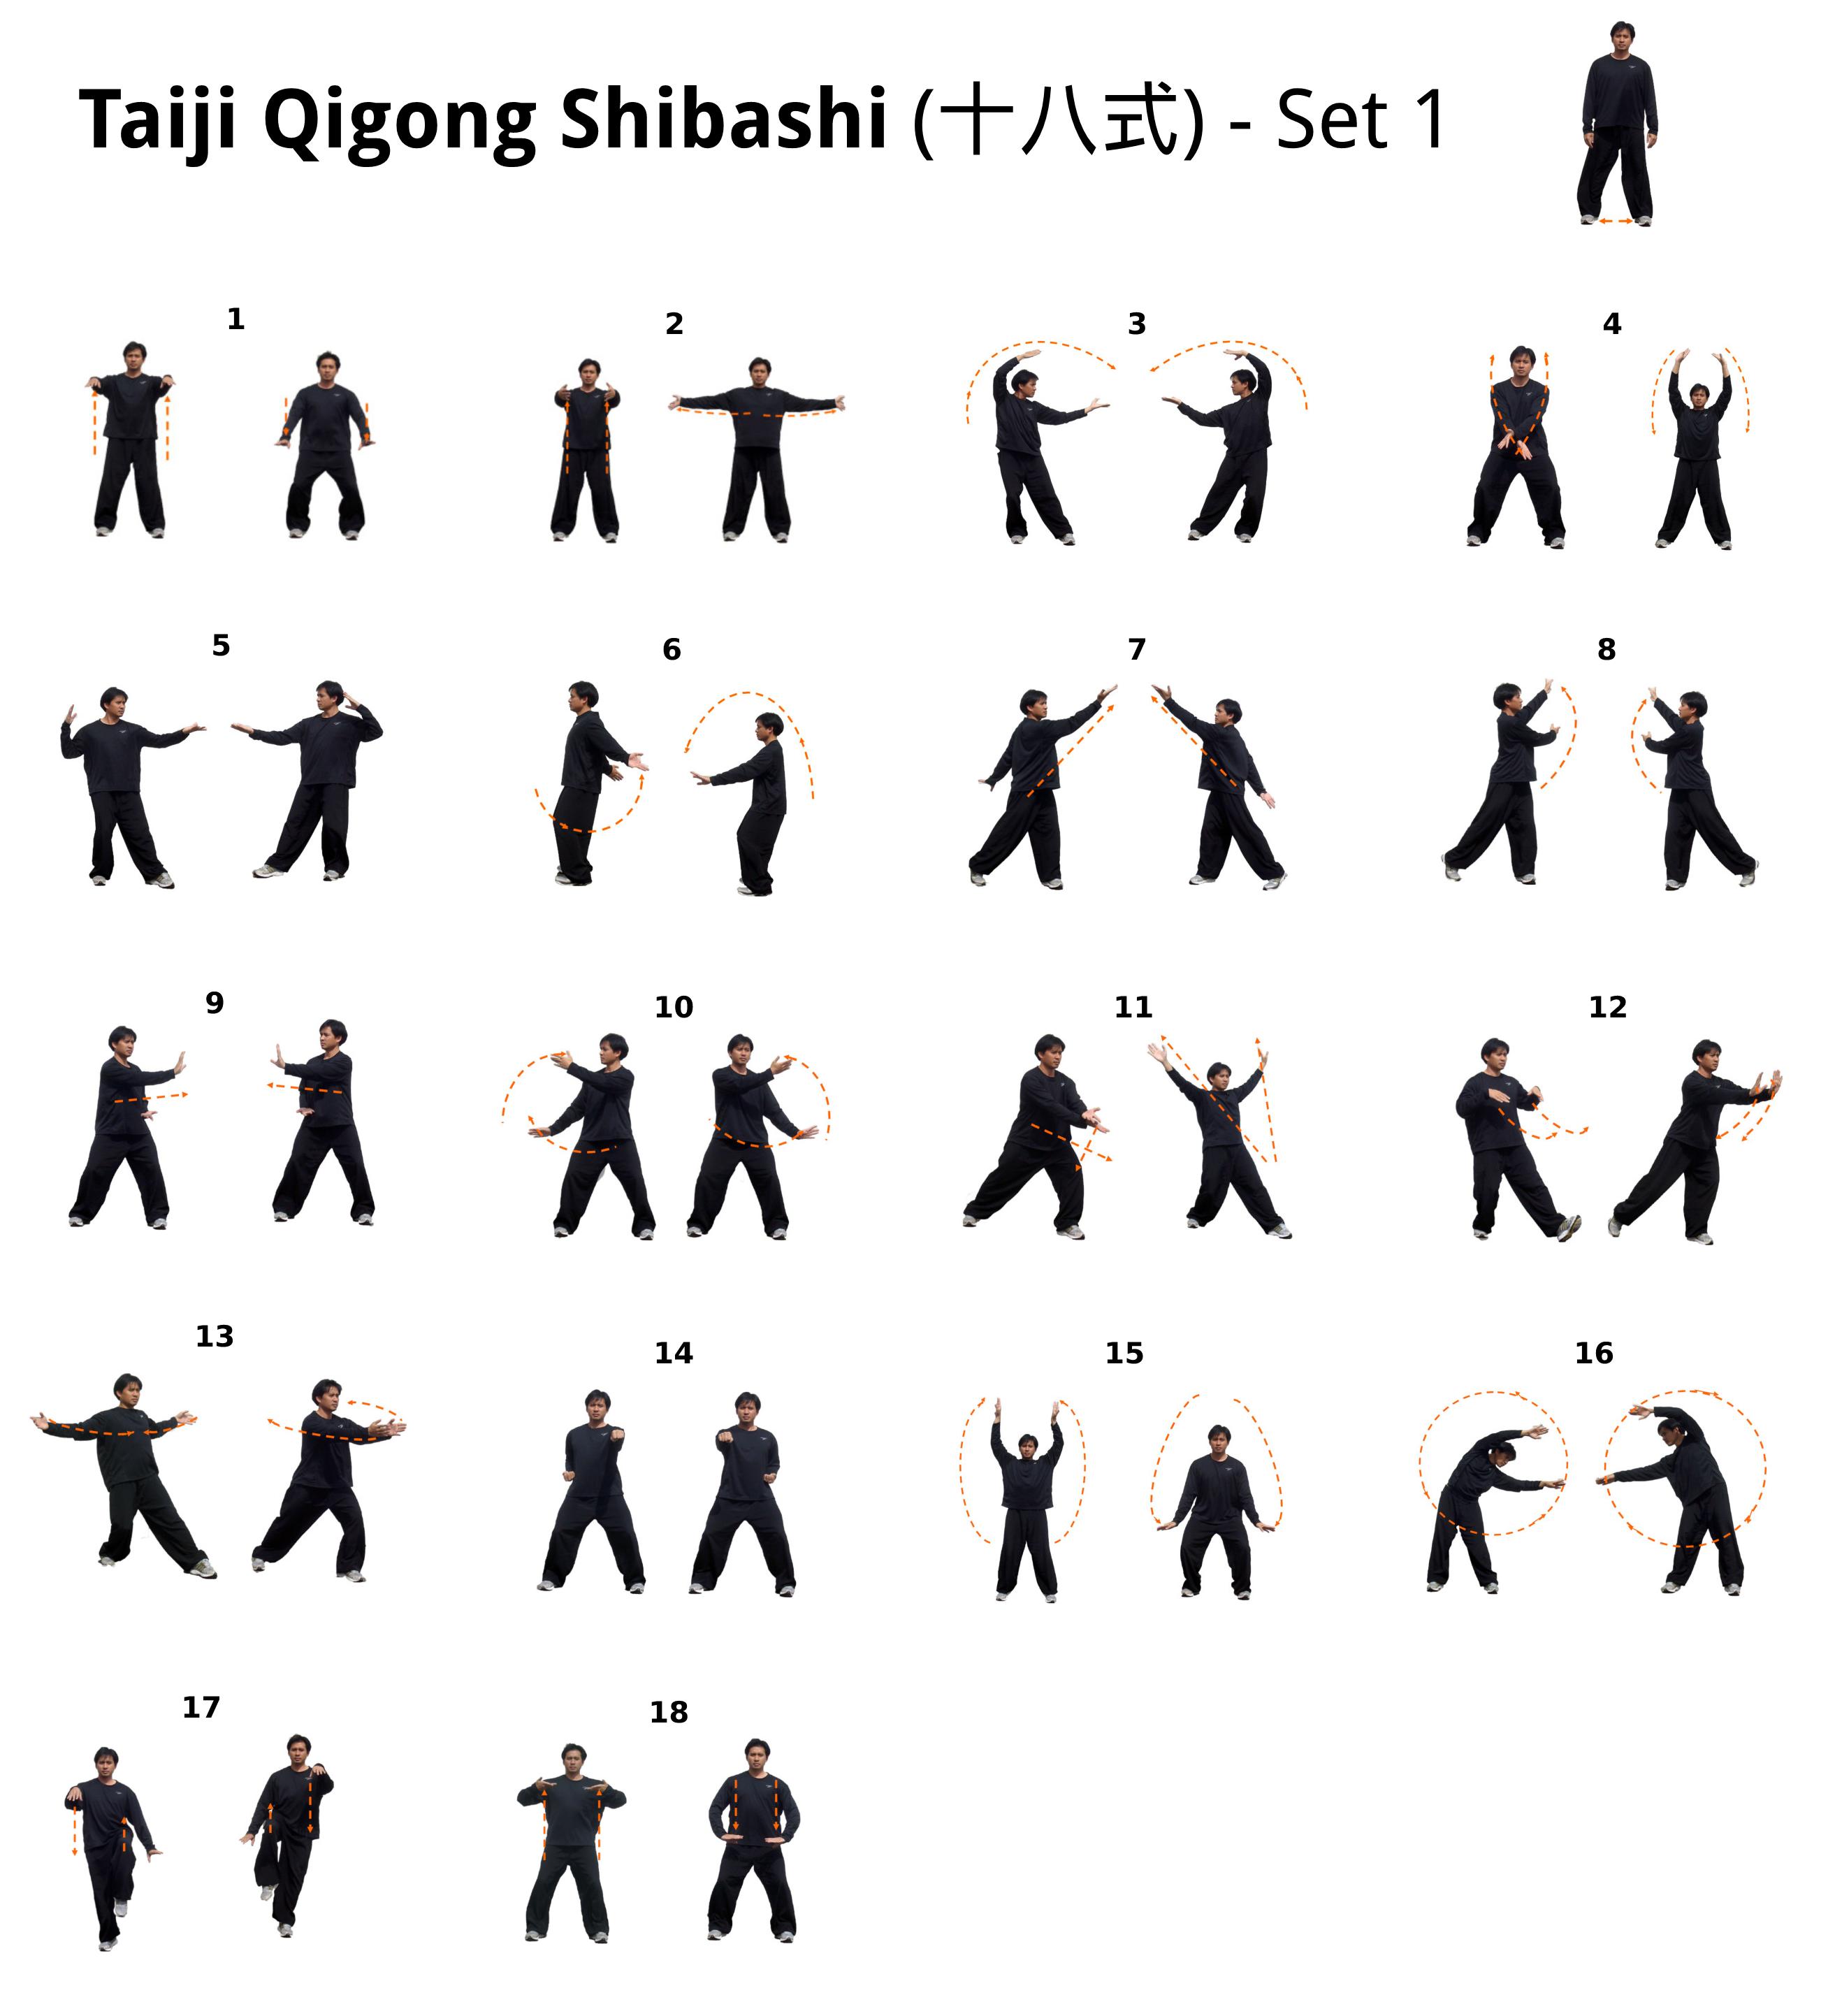 Taiji Qigong Shibashi